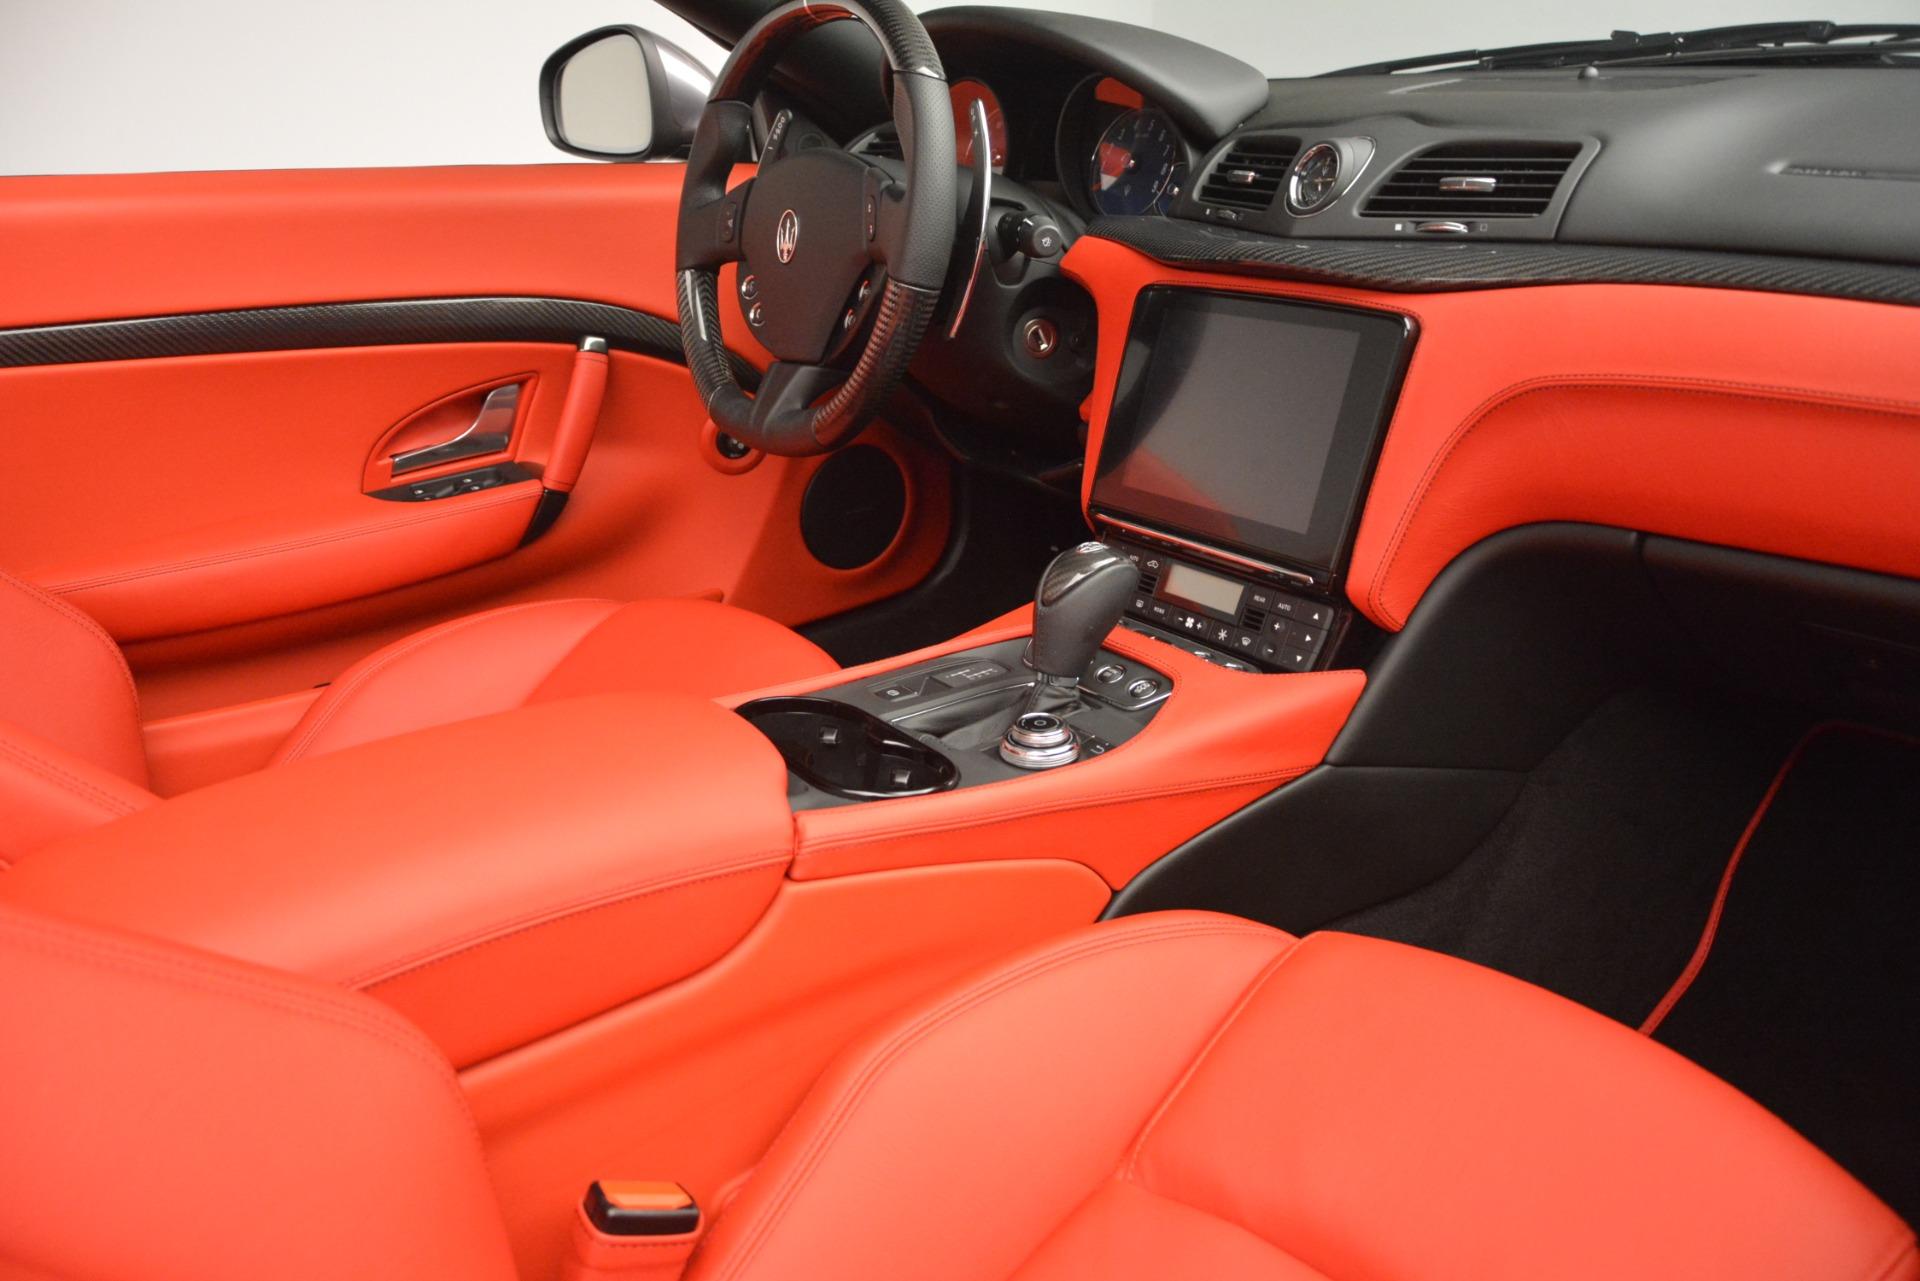 Used 2018 Maserati GranTurismo Sport For Sale In Greenwich, CT. Alfa Romeo of Greenwich, 7626 2637_p28